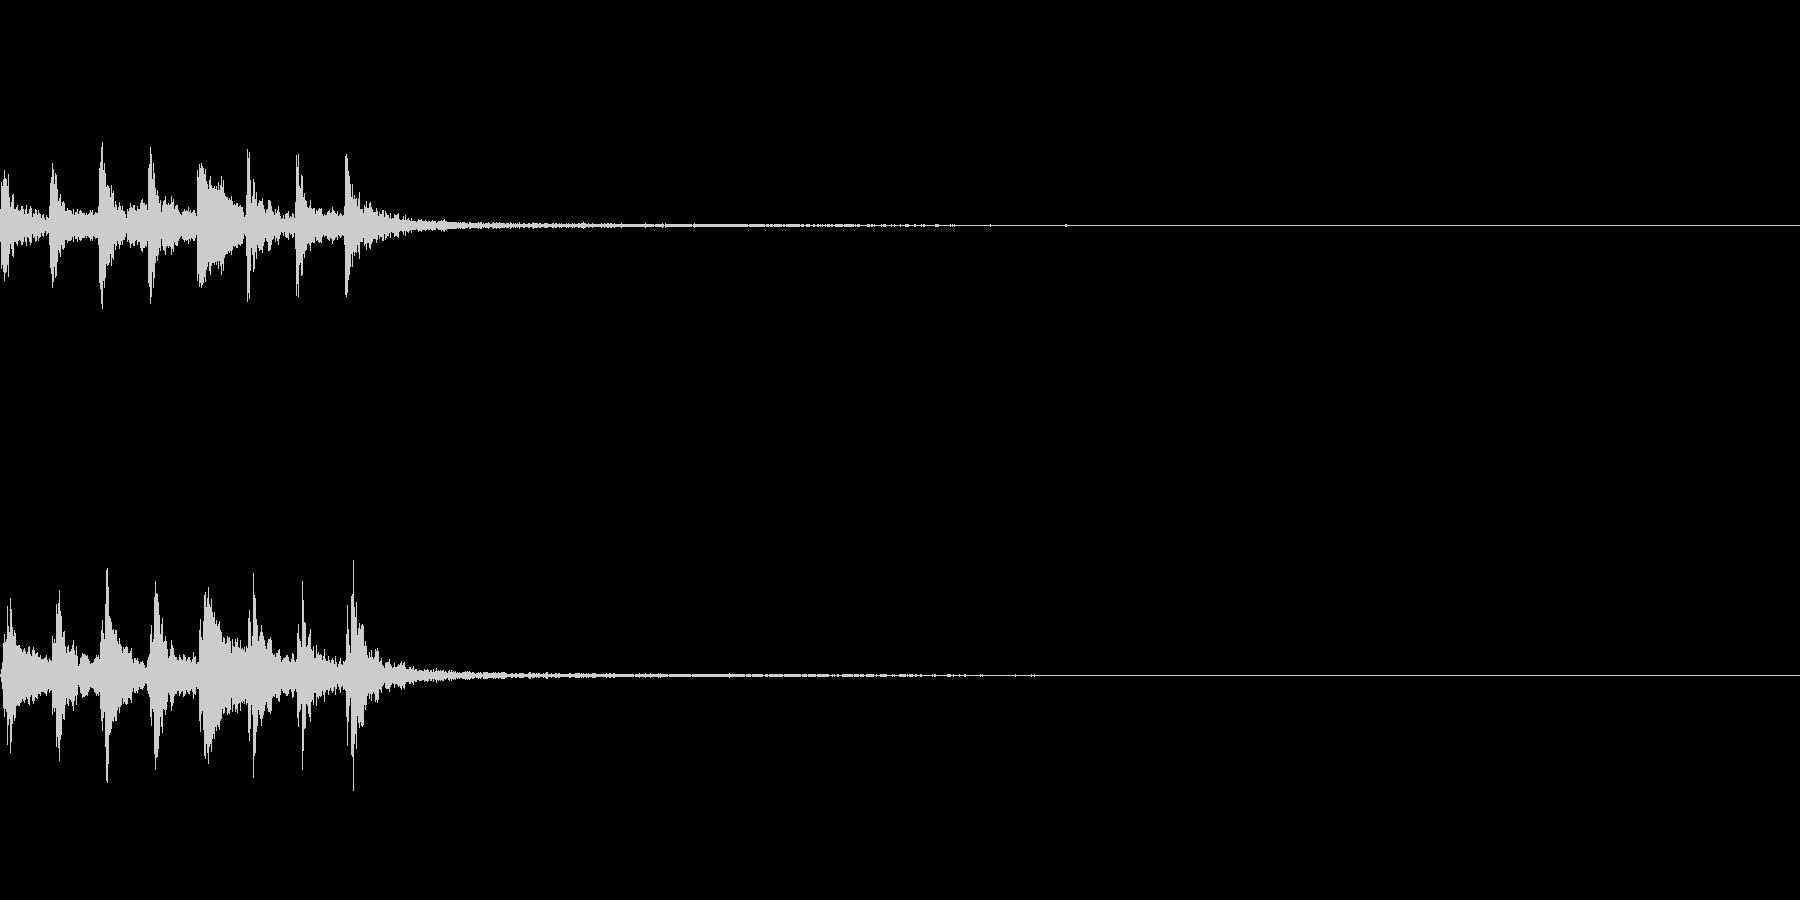 上昇音 木琴 場面転換等にの未再生の波形